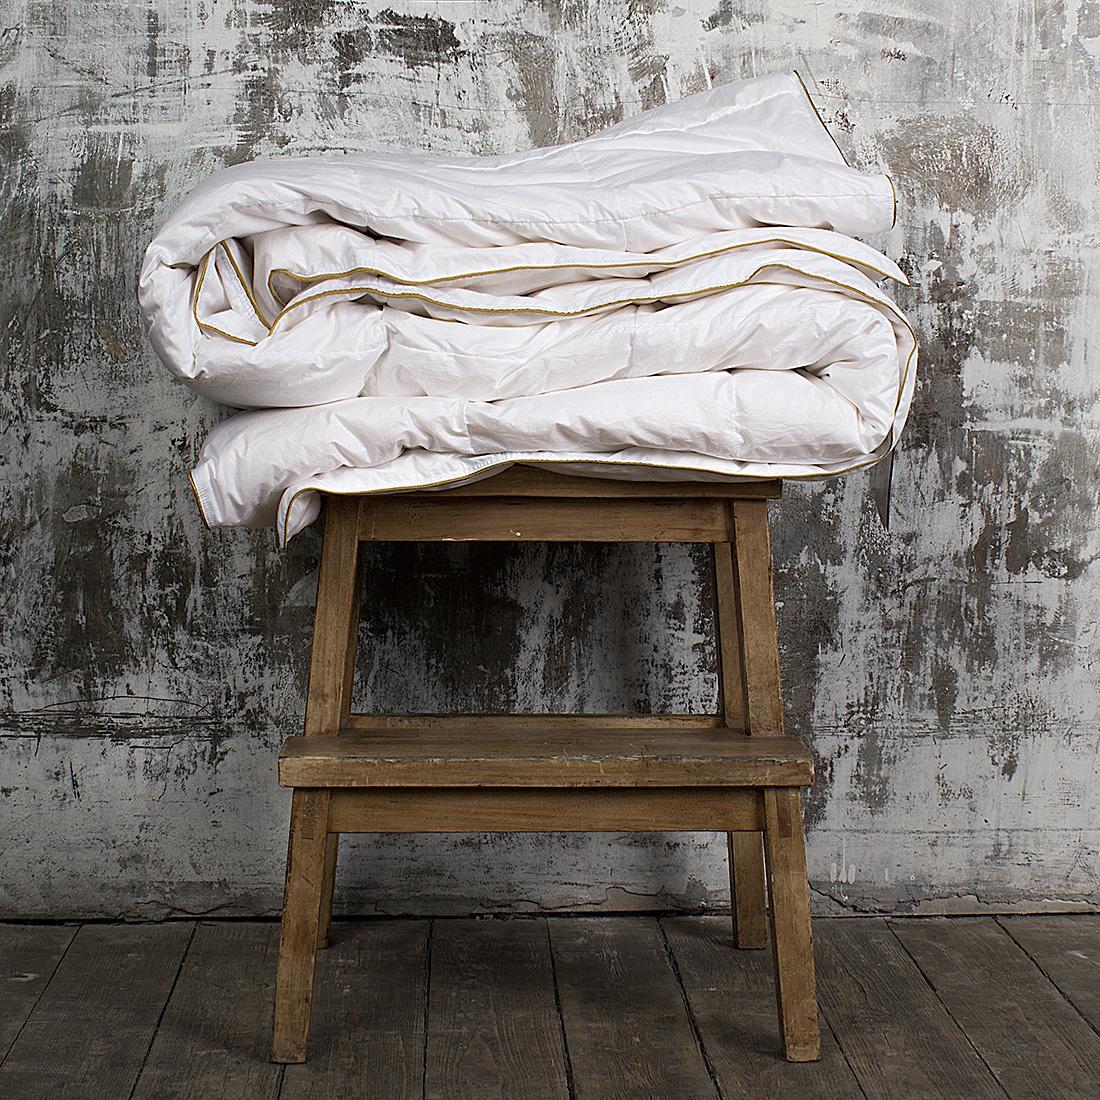 Одеяла William Roberts Одеяло White Splendid Down Всесезонное (155х200 см) одеяла william roberts одеяло essential bamboo всесезонное 155х200 см